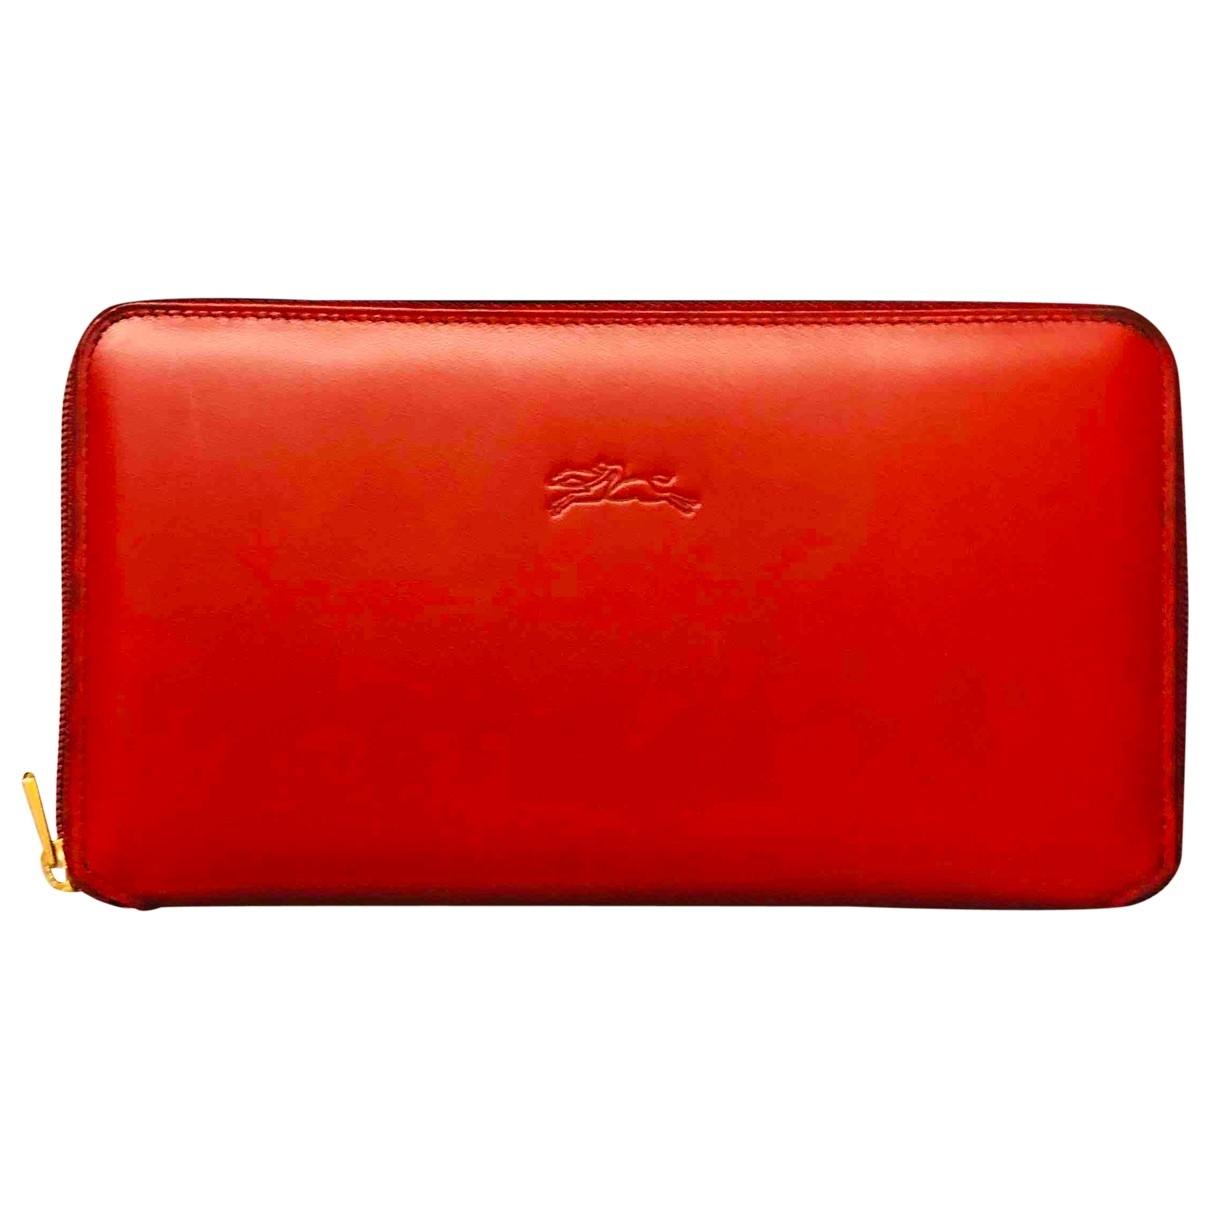 Longchamp - Portefeuille Roseau pour femme en cuir - rouge